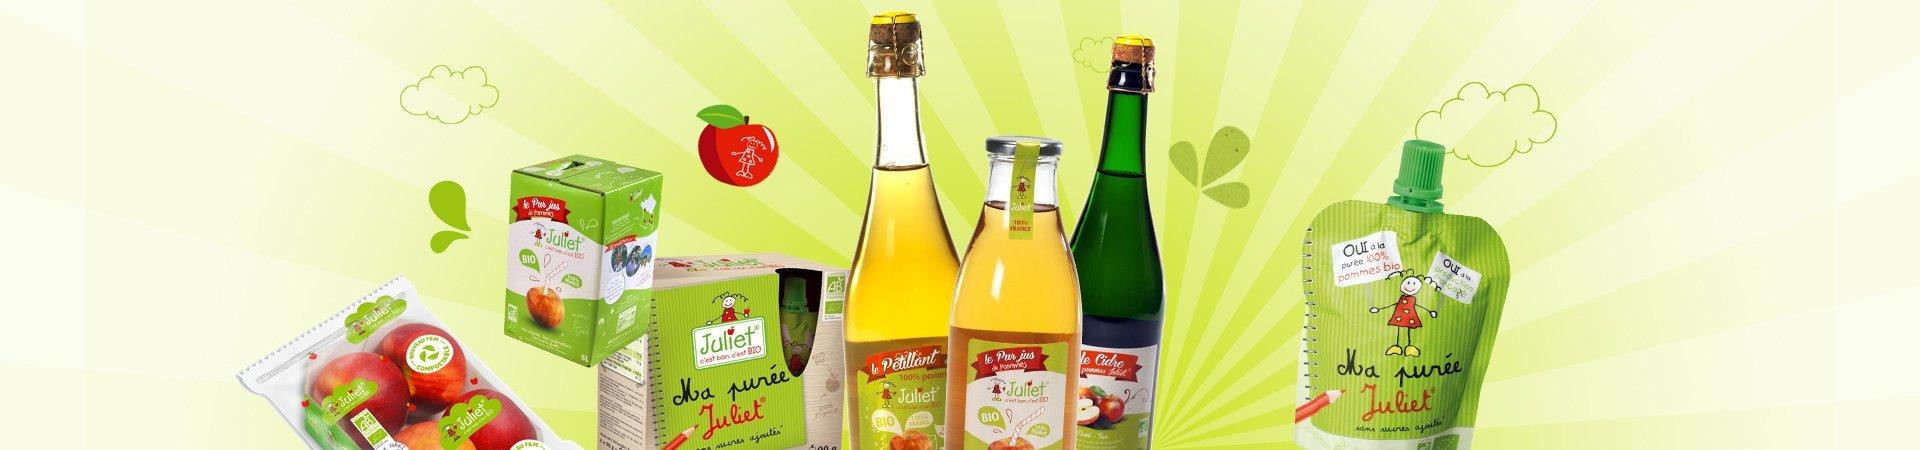 La gamme Pomme Juliet® : pur jus, cidres, compotes, pétillant… c'est bon, c'est BIO !